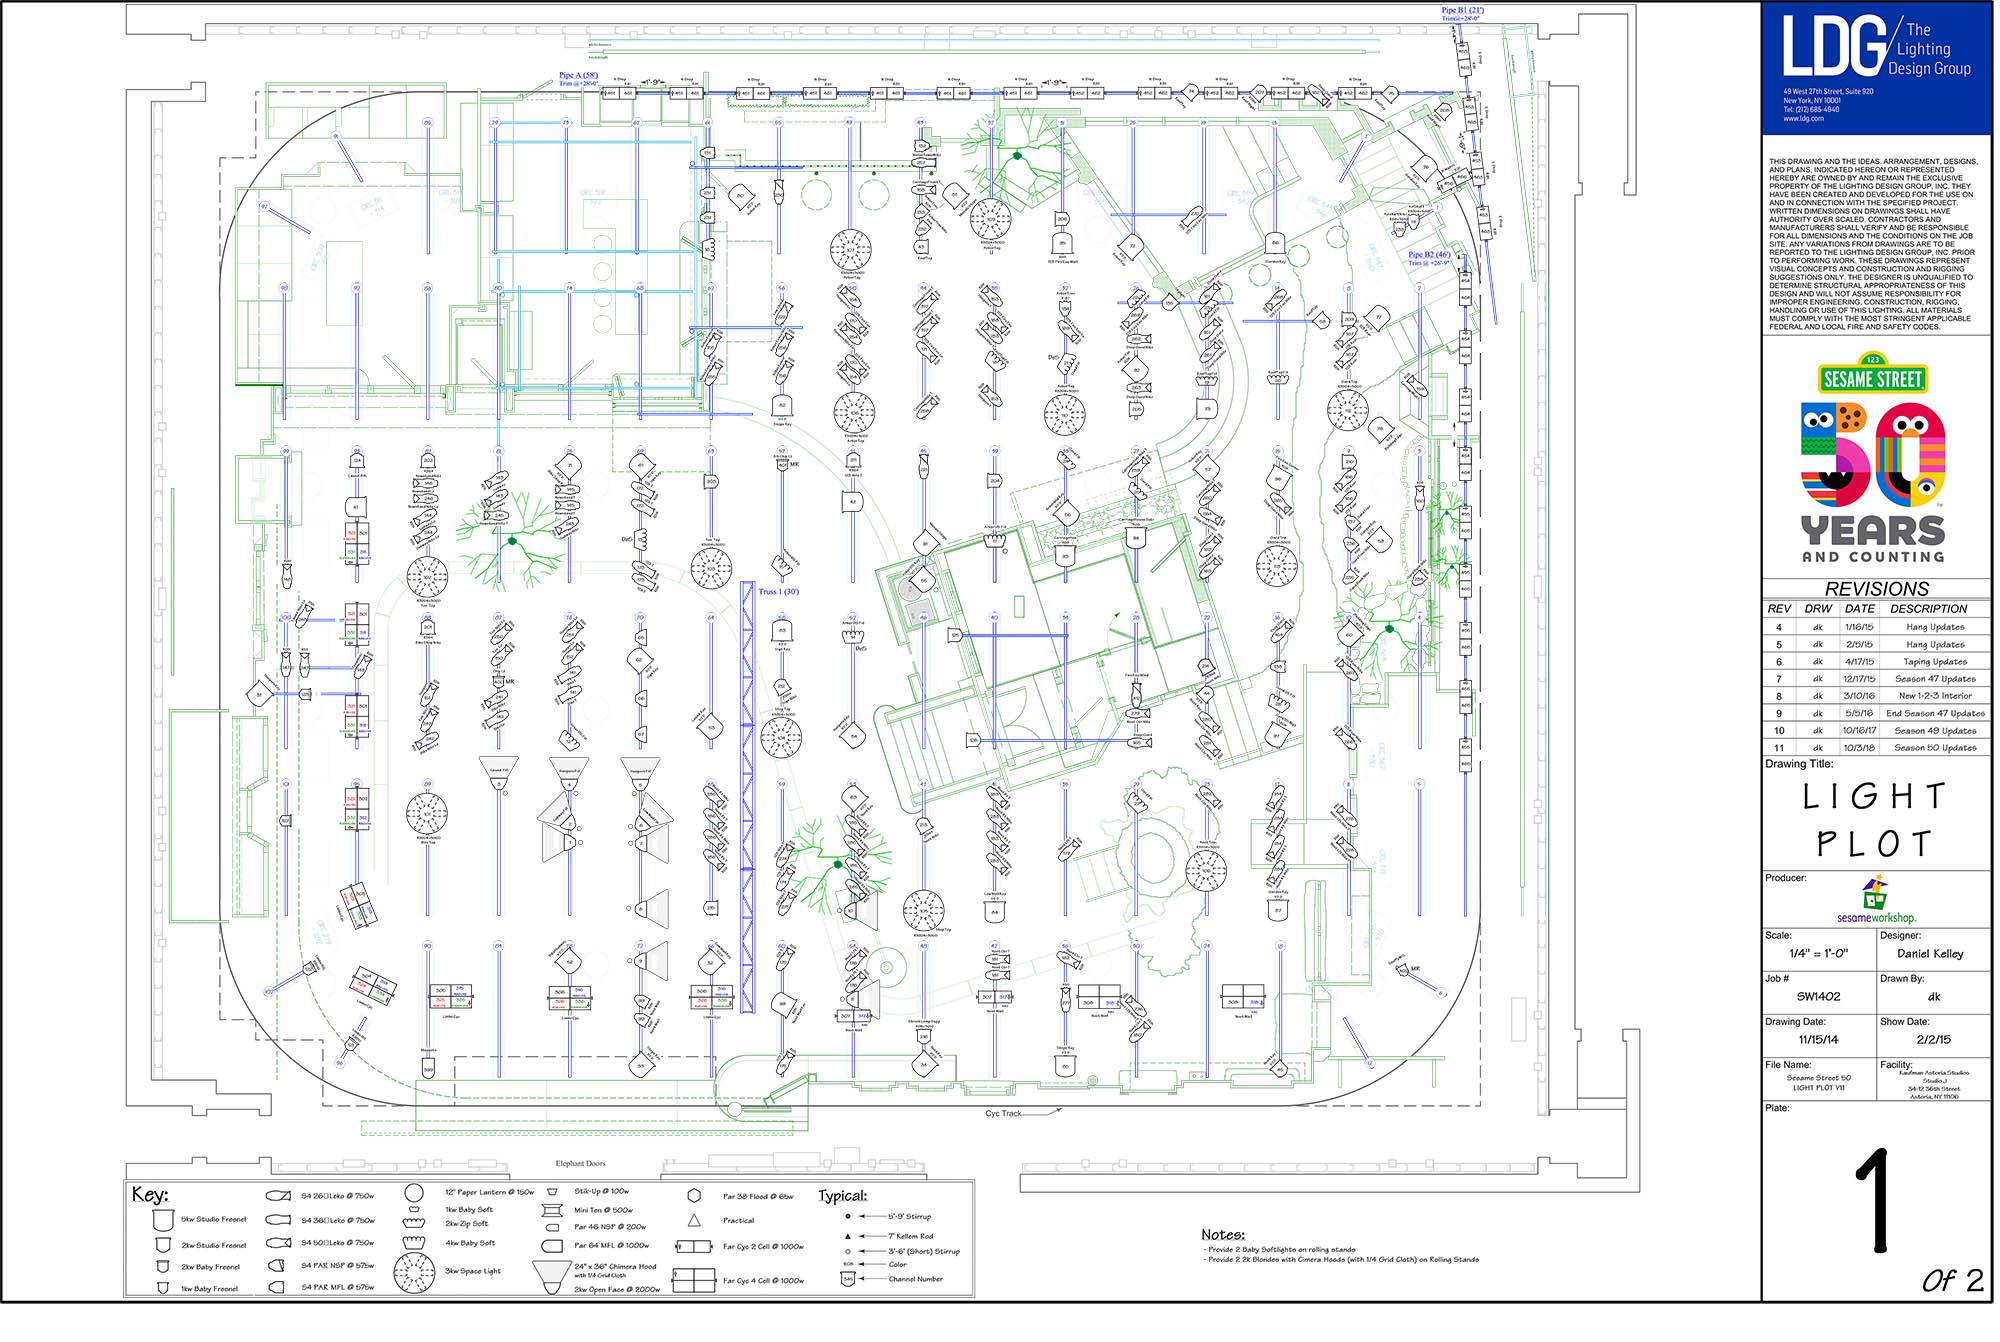 Lighting plot for Sesame Street